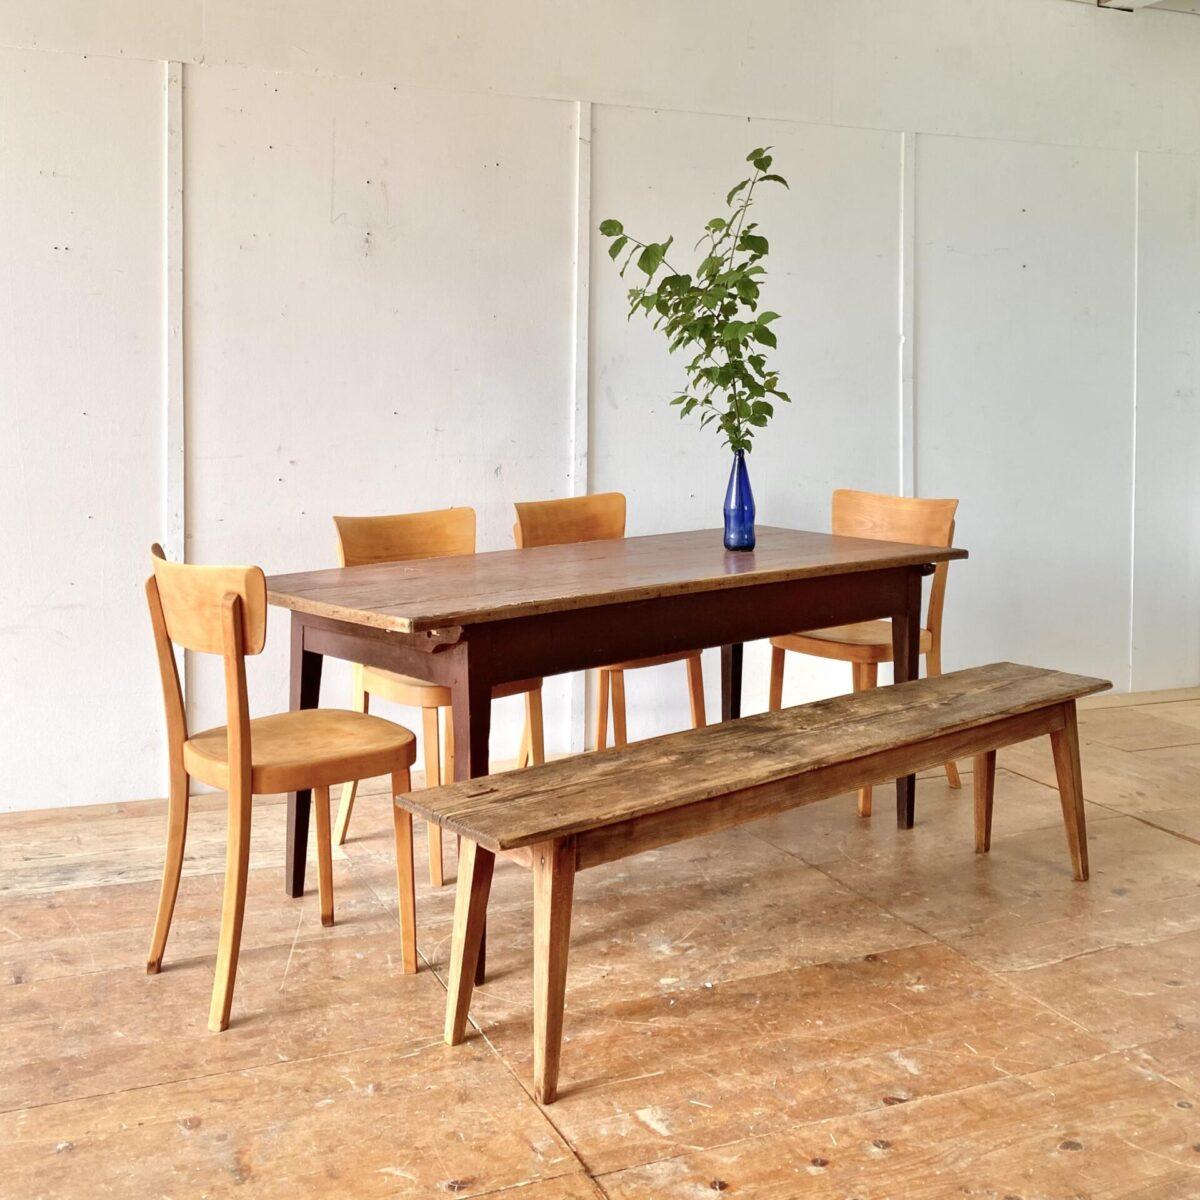 Deuxieme.shop horgenglarus Classic Stühle. 4er Set Beizenstühle mit Alterspatina geschliffen und geölt. Technisch in stabilem Zustand, warm-matte Ausstrahlung. Ein grösseres Set ist nach Absprache verfügbar.